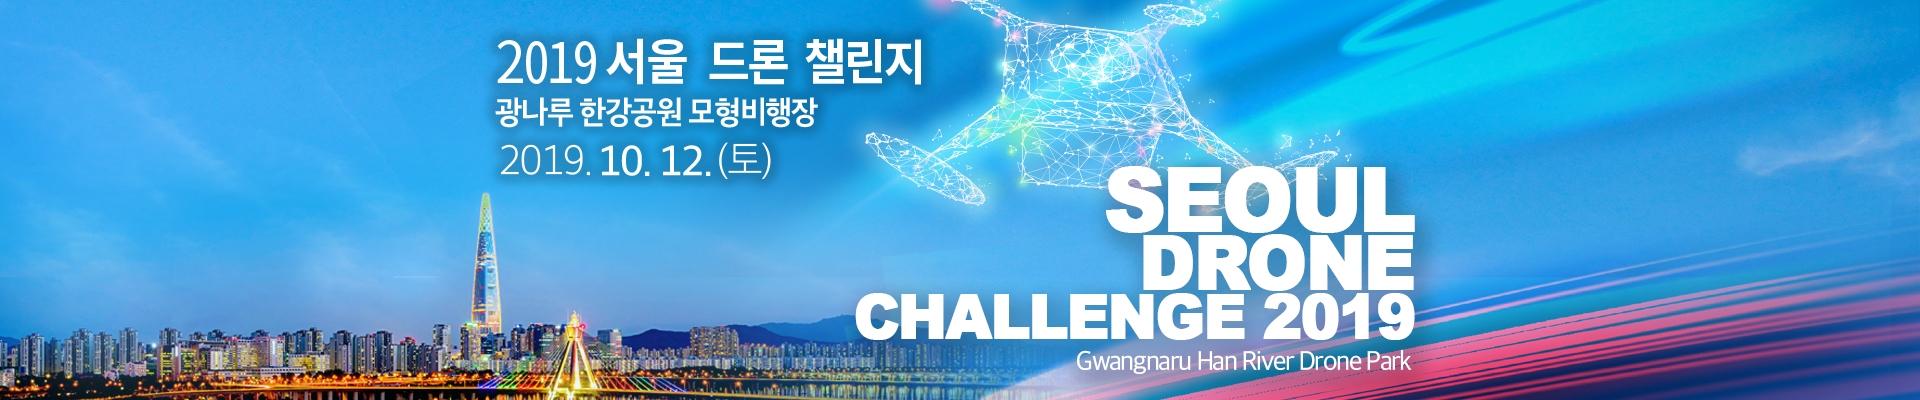 이벤터스_2019 서울 드론 챌린지(Seoul Drone Challenge 2019) 행사준비, 참가자모집, 이벤터스, EVENTUS